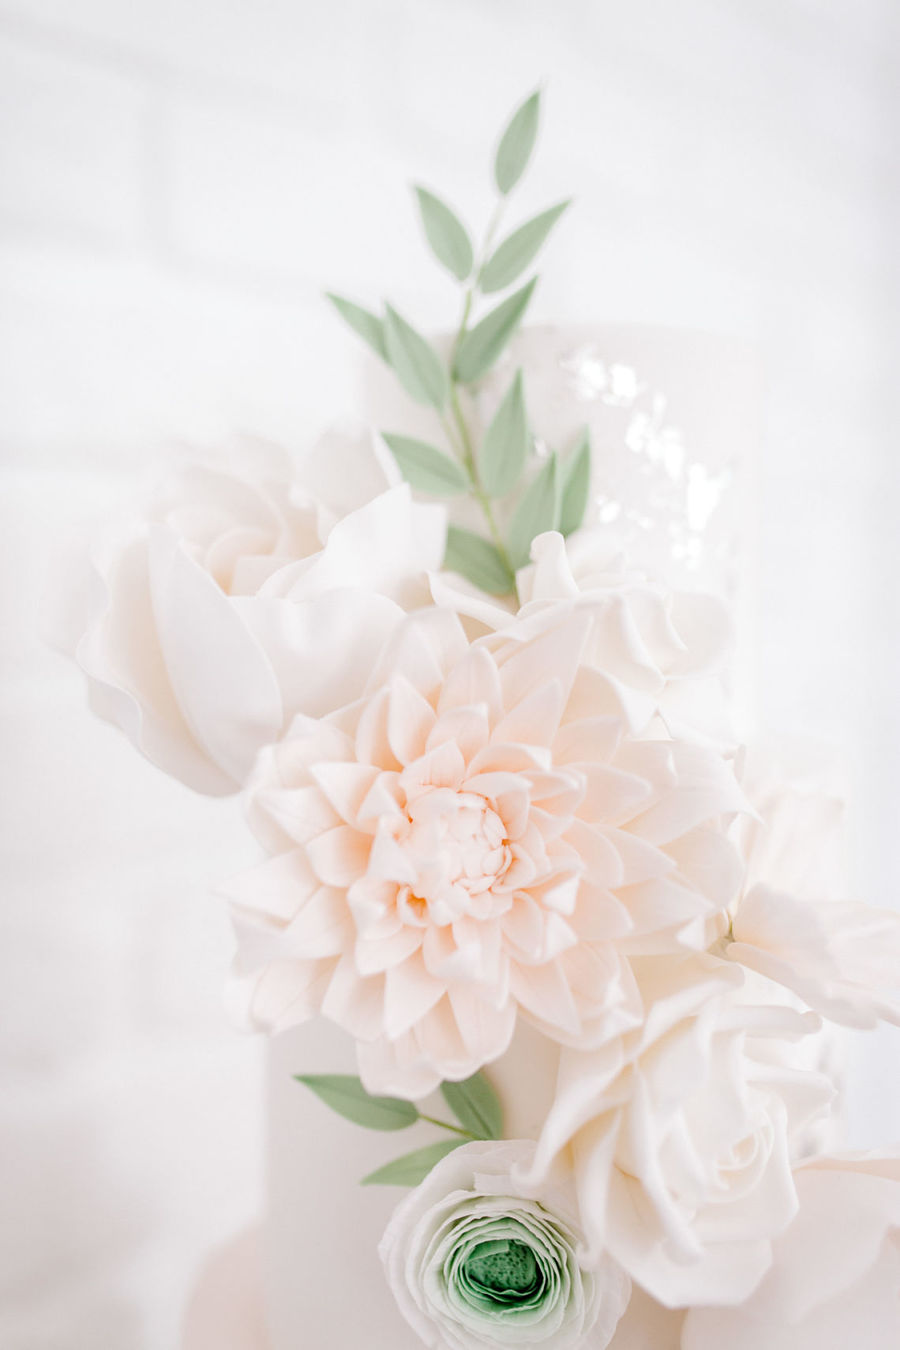 Minimal elegant wedding style ideas by Wildflower Wedding Planner Natasha, images Helene Elliott Photography (3)